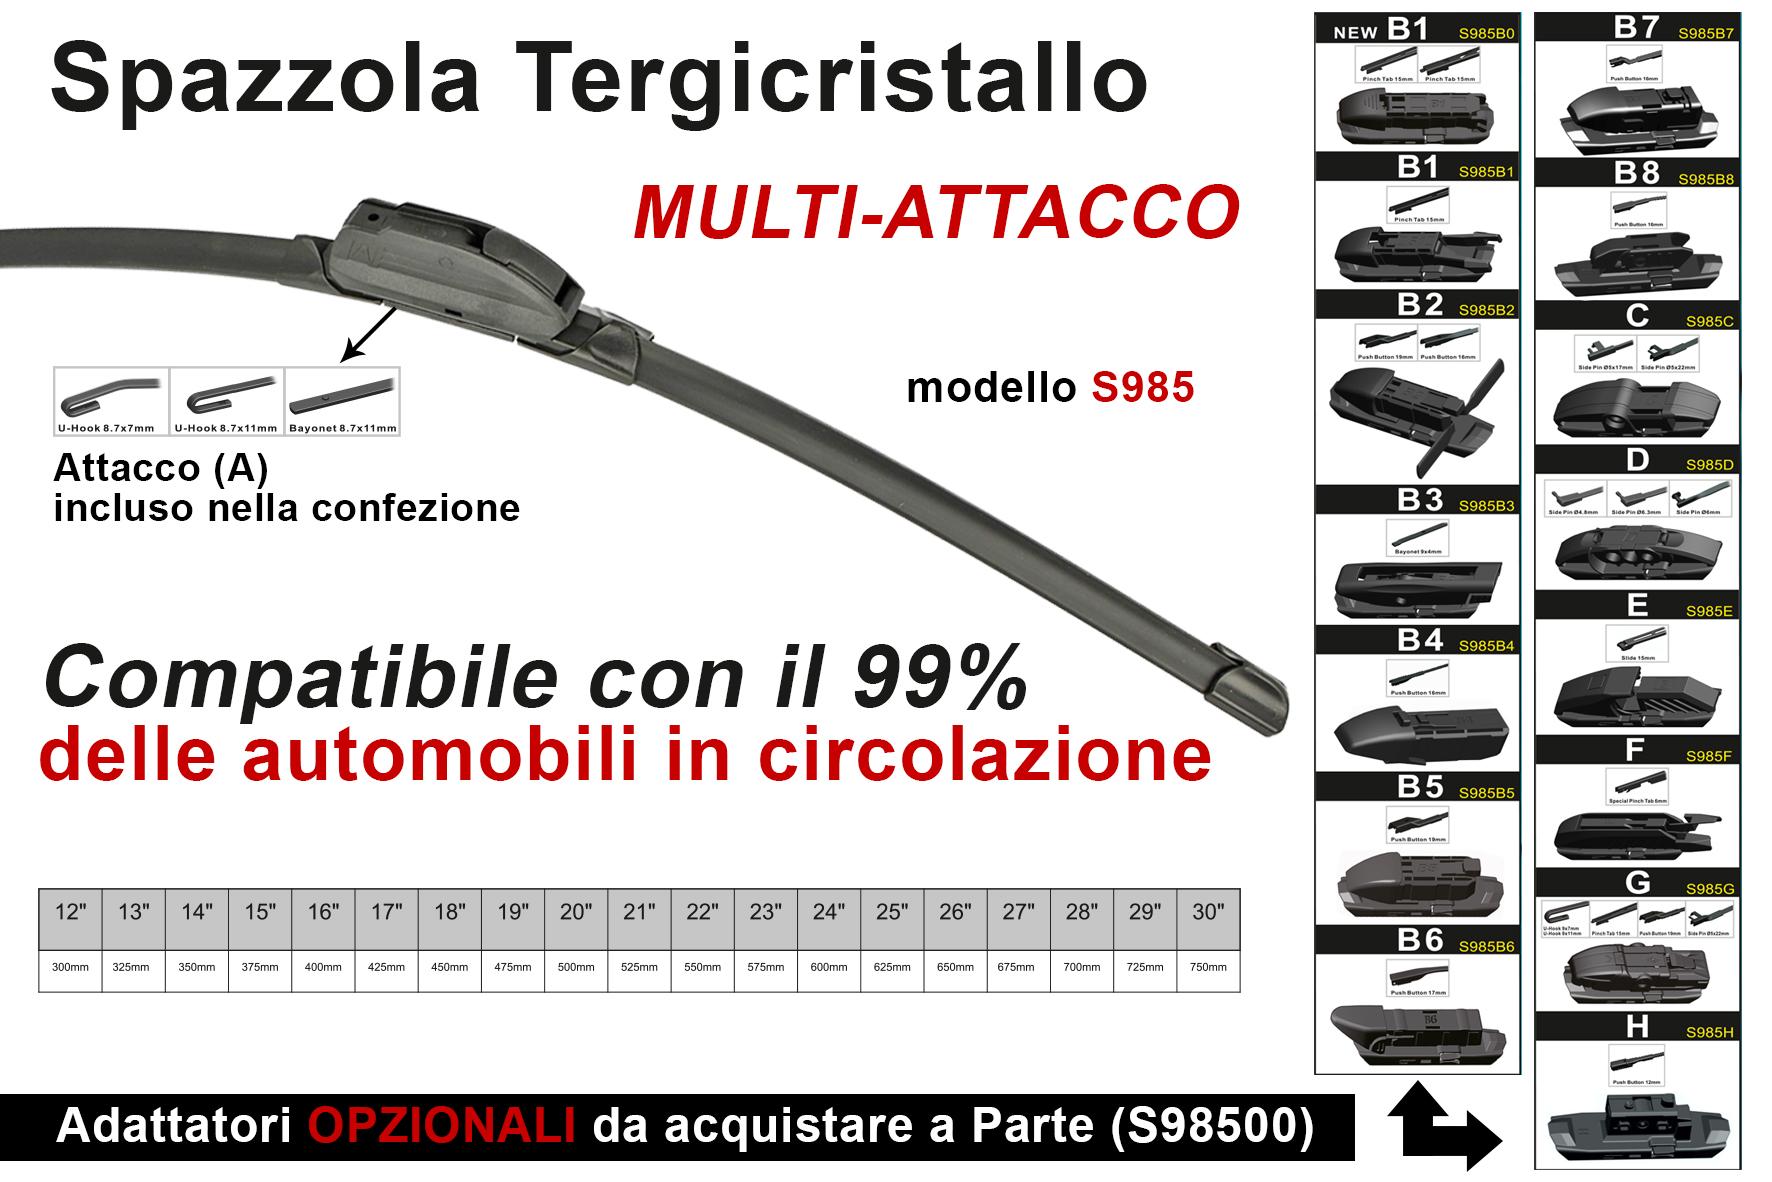 Spazzola Tergicristallo Auto Universale S985 19`` 475mm Carall 16 Attacchi Opzionale - PZ